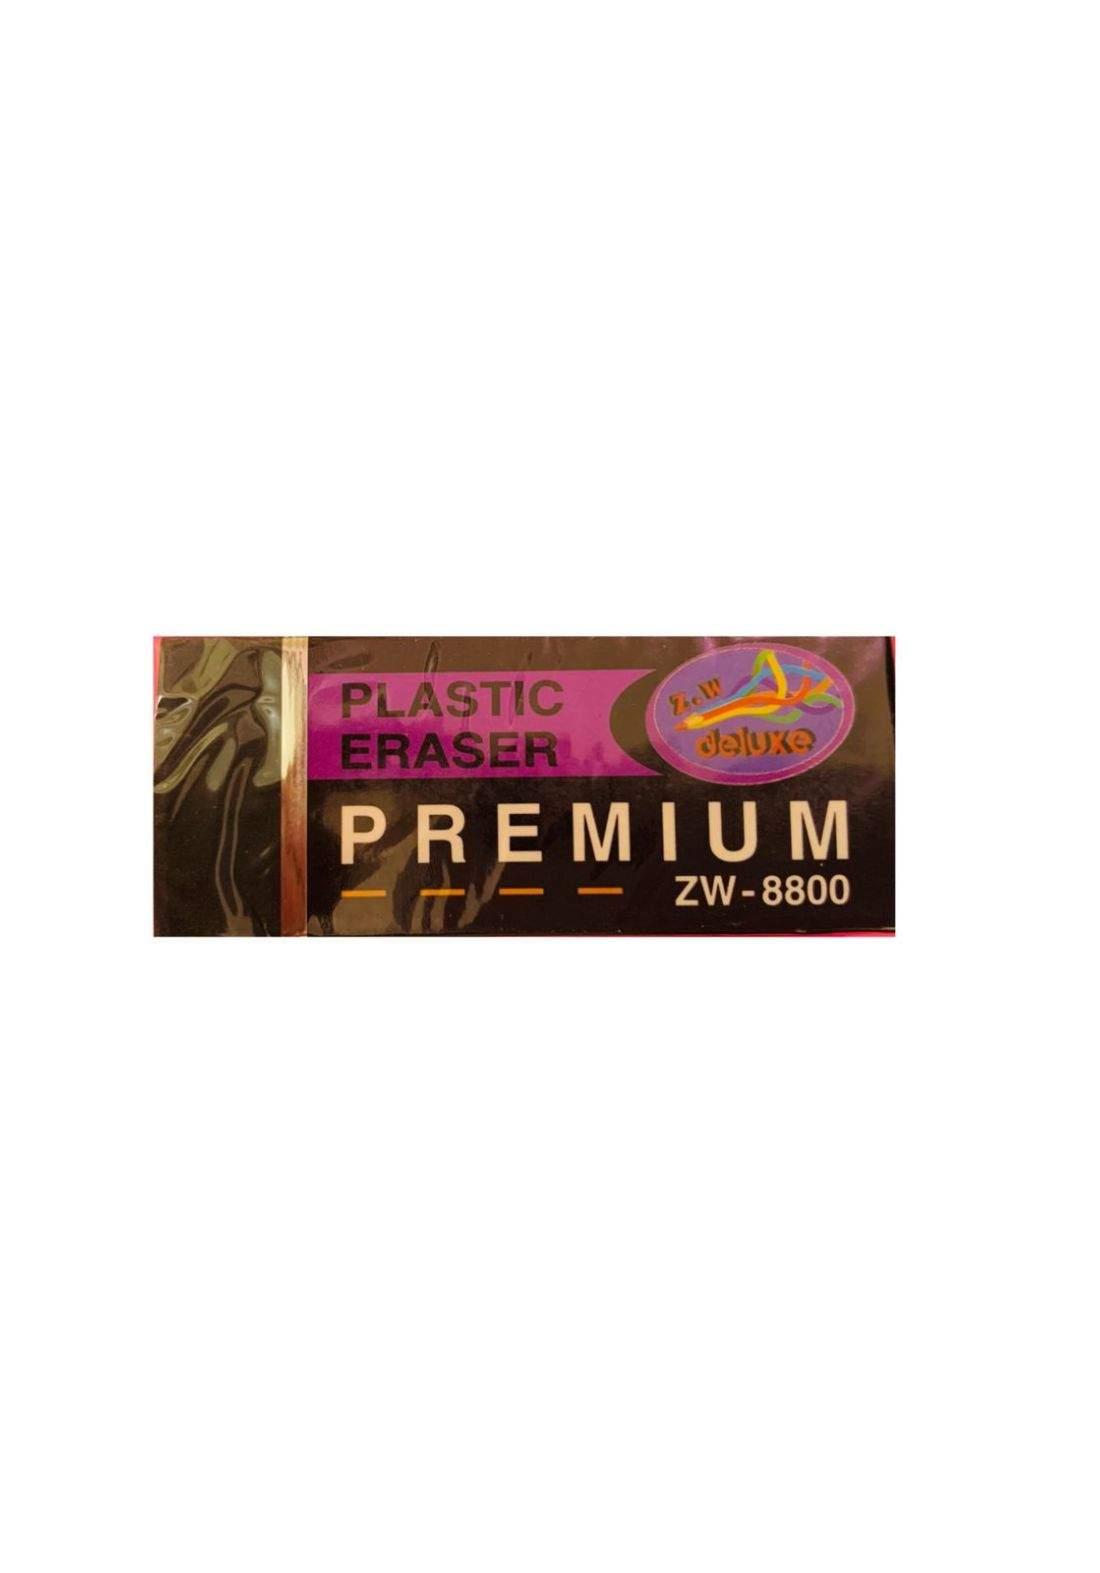 Deluxe Eraser ممحاة ديلوكس